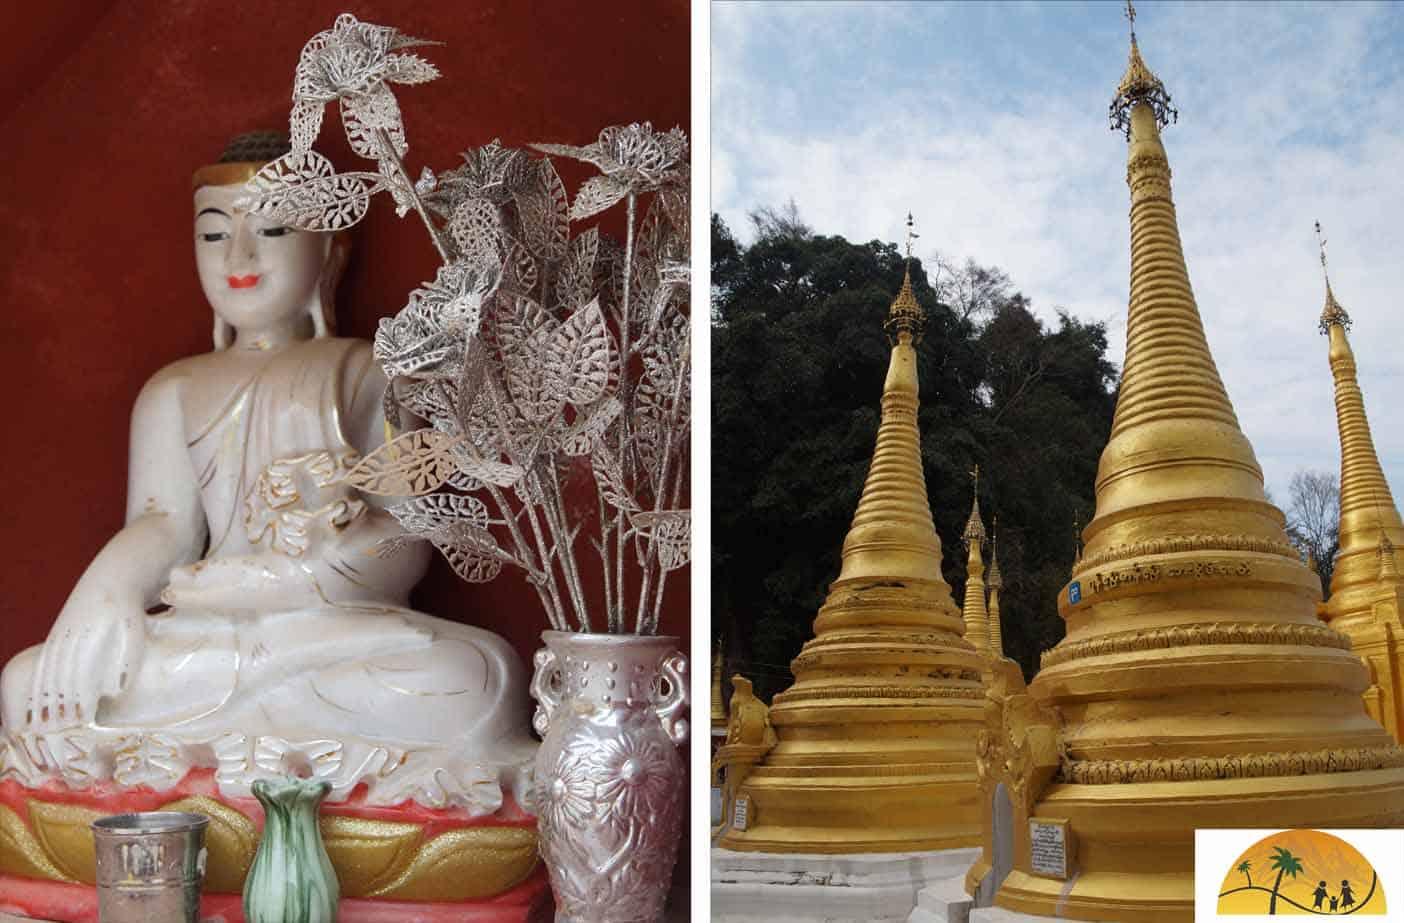 Shwe Oo Min Paya kalaw